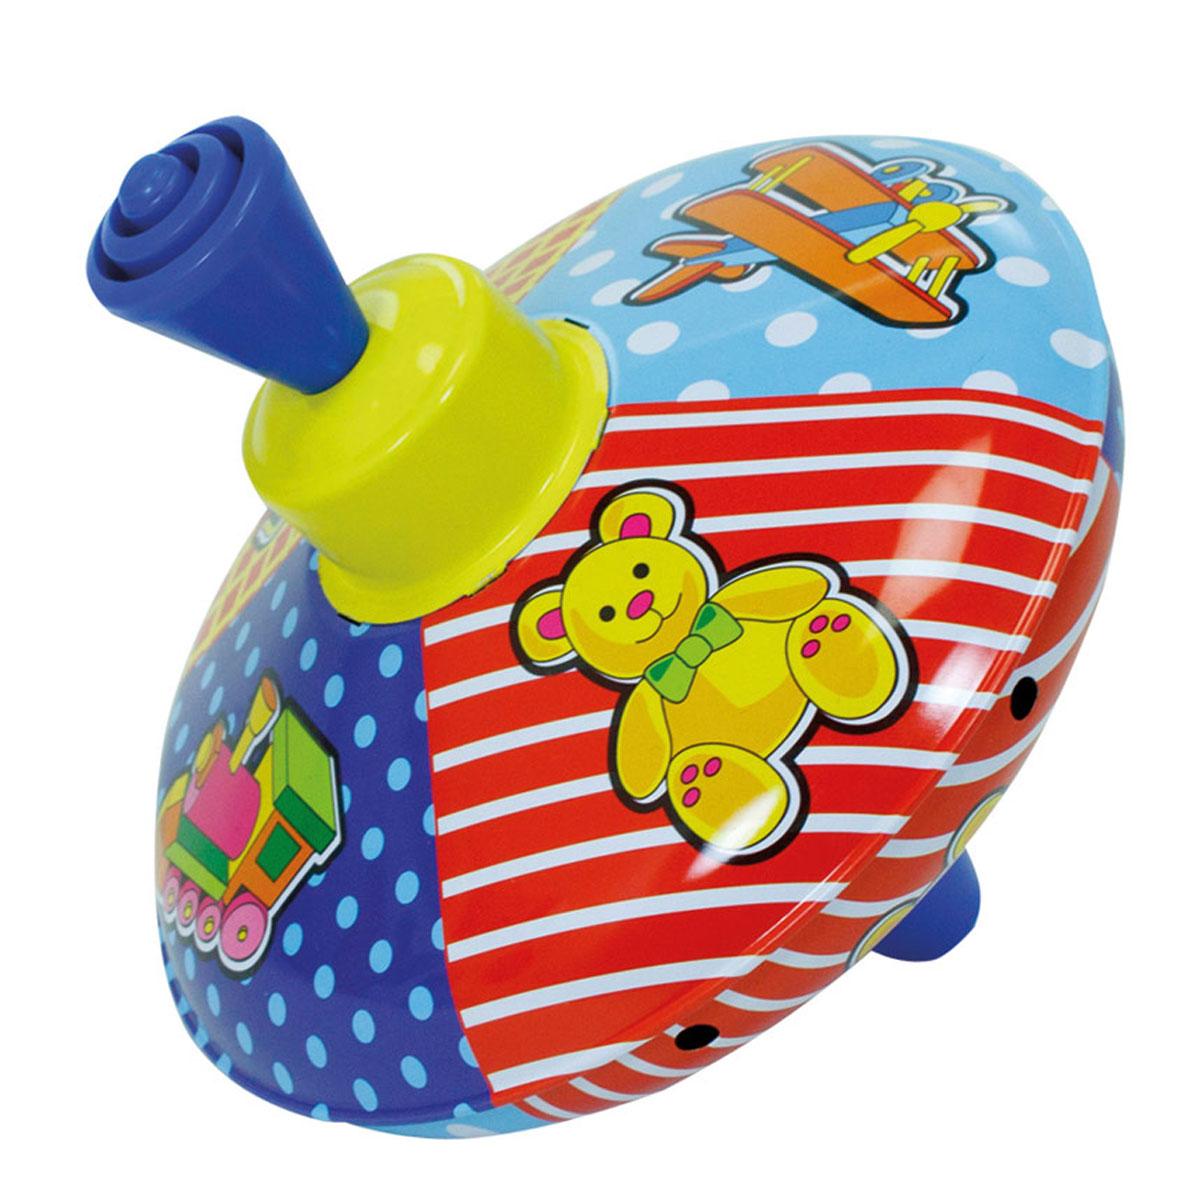 Simba Юла, цвет: синий, красный, желтый4011893_синий, красныйЯркая развивающая юла Simba станет для вашего малыша любимой игрушкой. Юла выполнена из безопасного материала в яркой цветовой гамме и оформлена различными изображениями. Раскручивается юла посредством нажатия на ручку. При вращении юла издает приятный звук. Юла - динамическая игрушка для самых маленьких, которая стимулирует познавательную активность, развивает наглядно-действенное мышление, координацию движений и мелкую моторику рук. Порадуйте своего непоседу таким великолепным подарком!